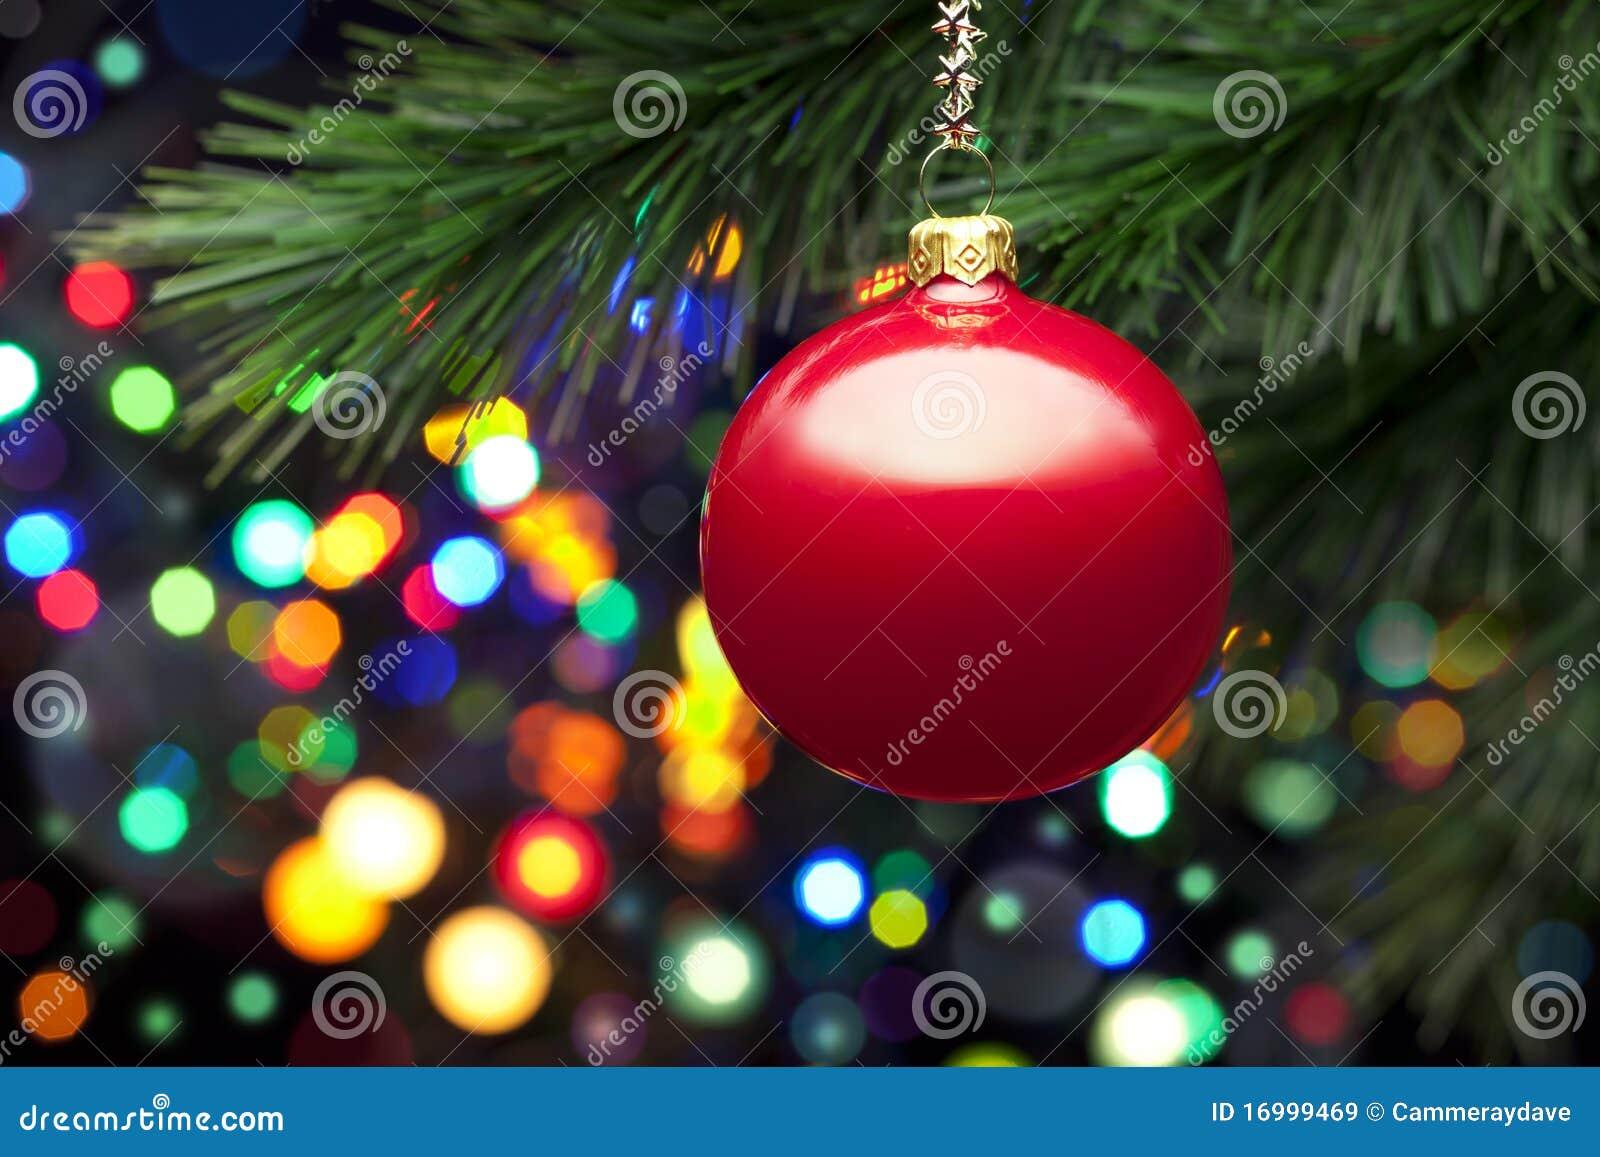 Bożonarodzeniowe światła ornamentu drzewo